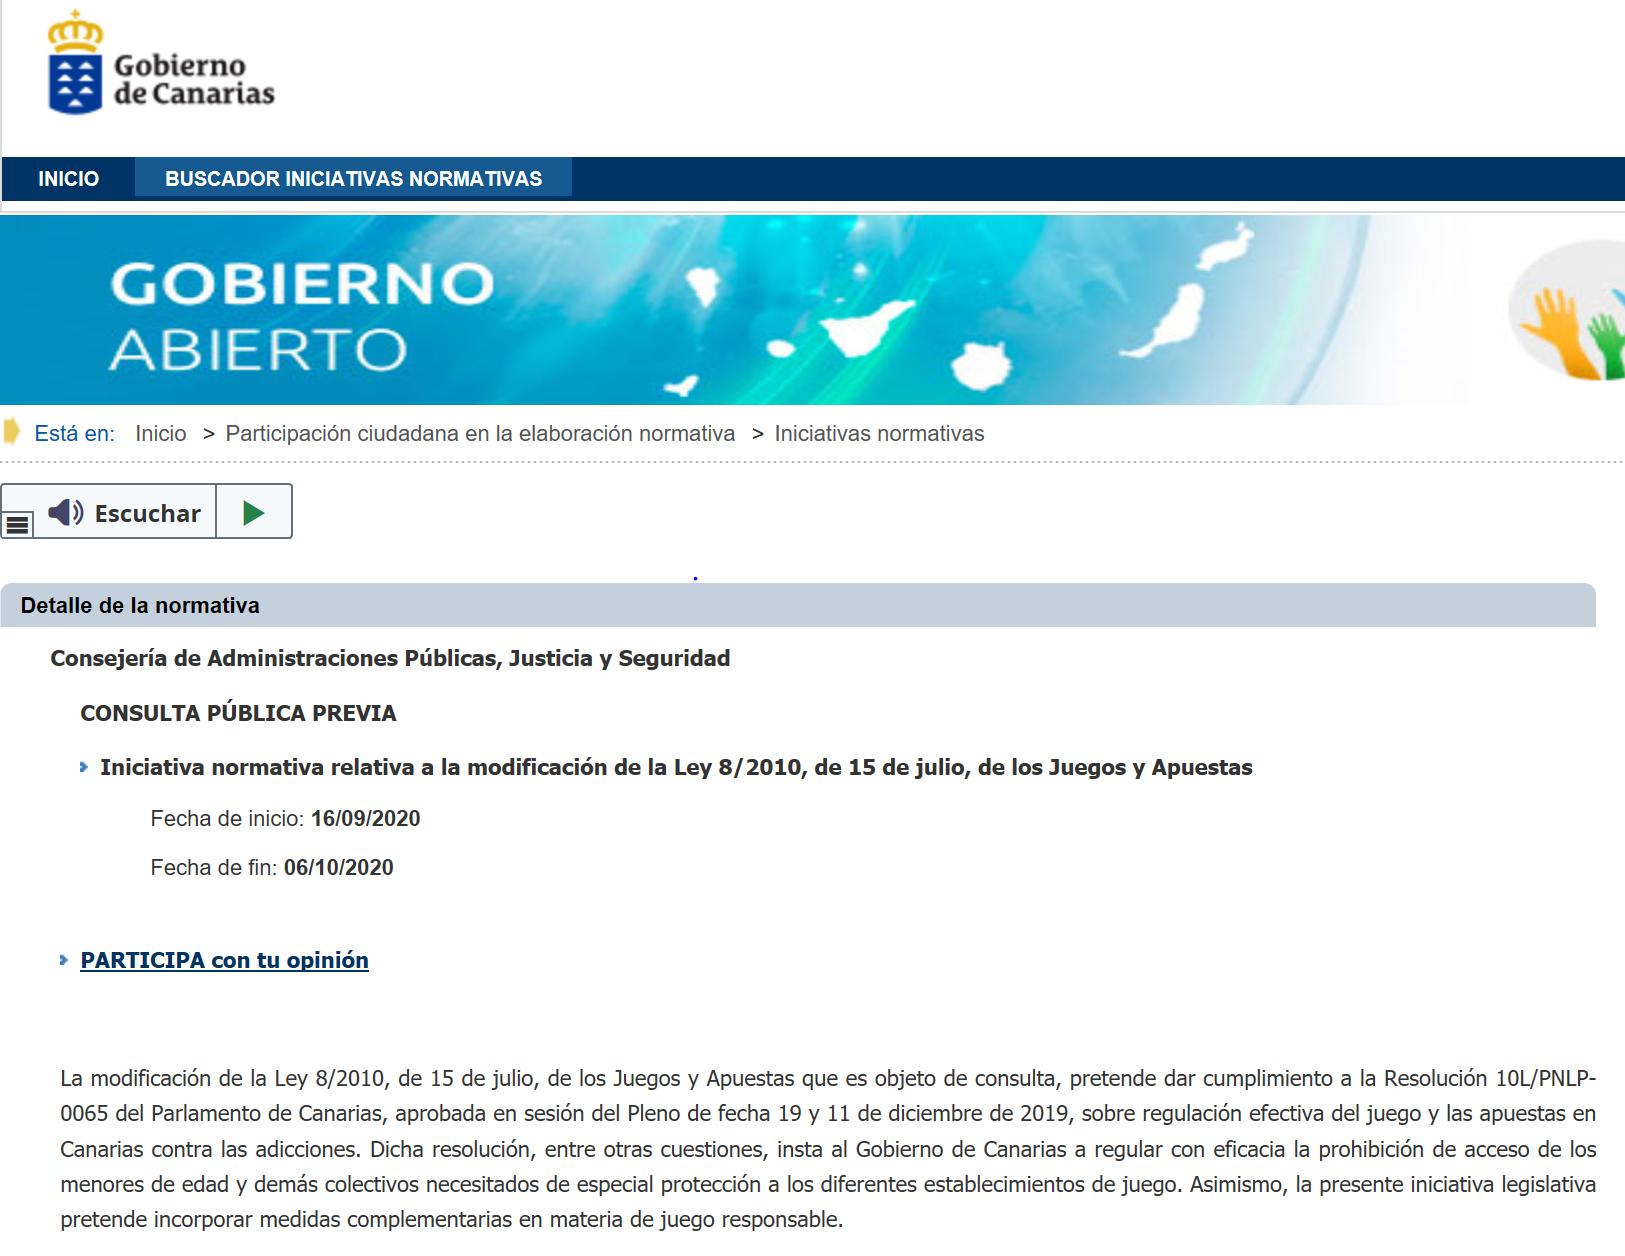 Fase de consulta pública previa de la modificación de la Ley 8/2010 de Canarias